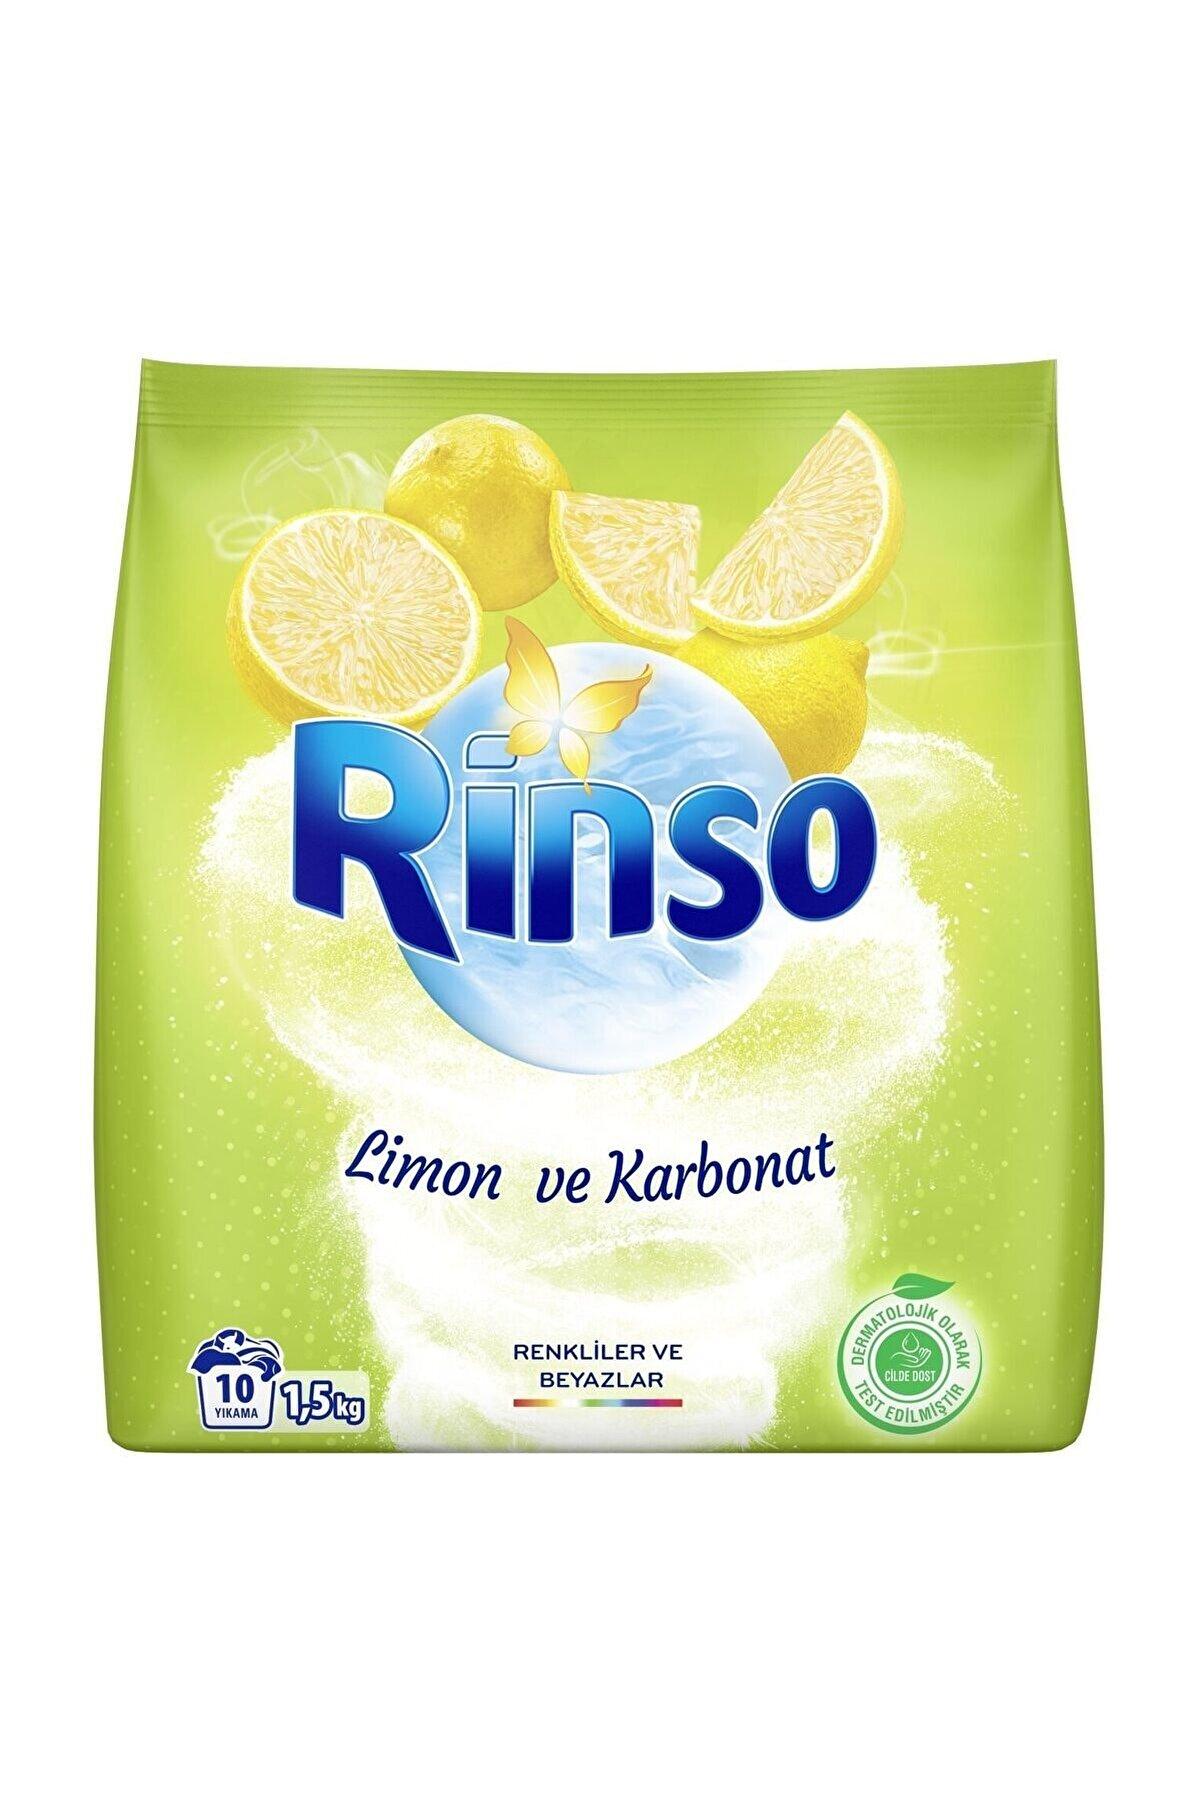 Rinso Limon ve Karbonat Renkliler İçin Toz Çamaşır Deterjanı 1.5 kg 10 Yıkama